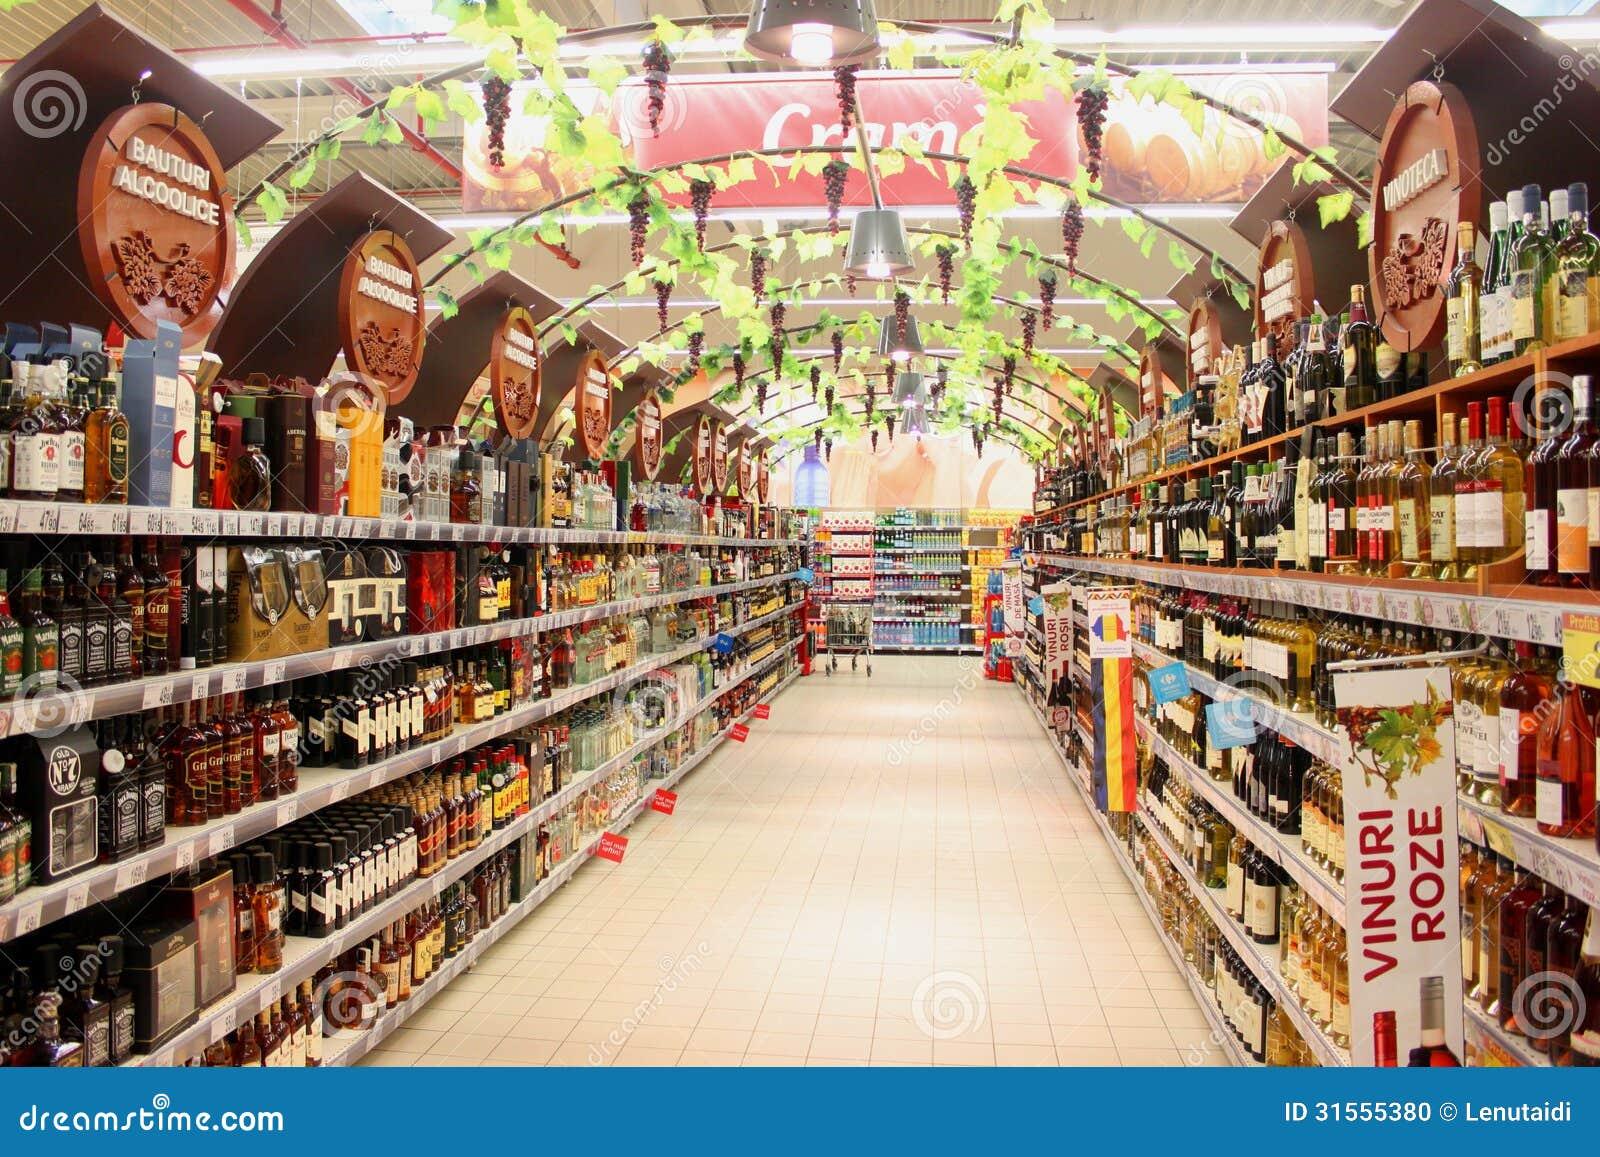 Vinavdelning i supermarket